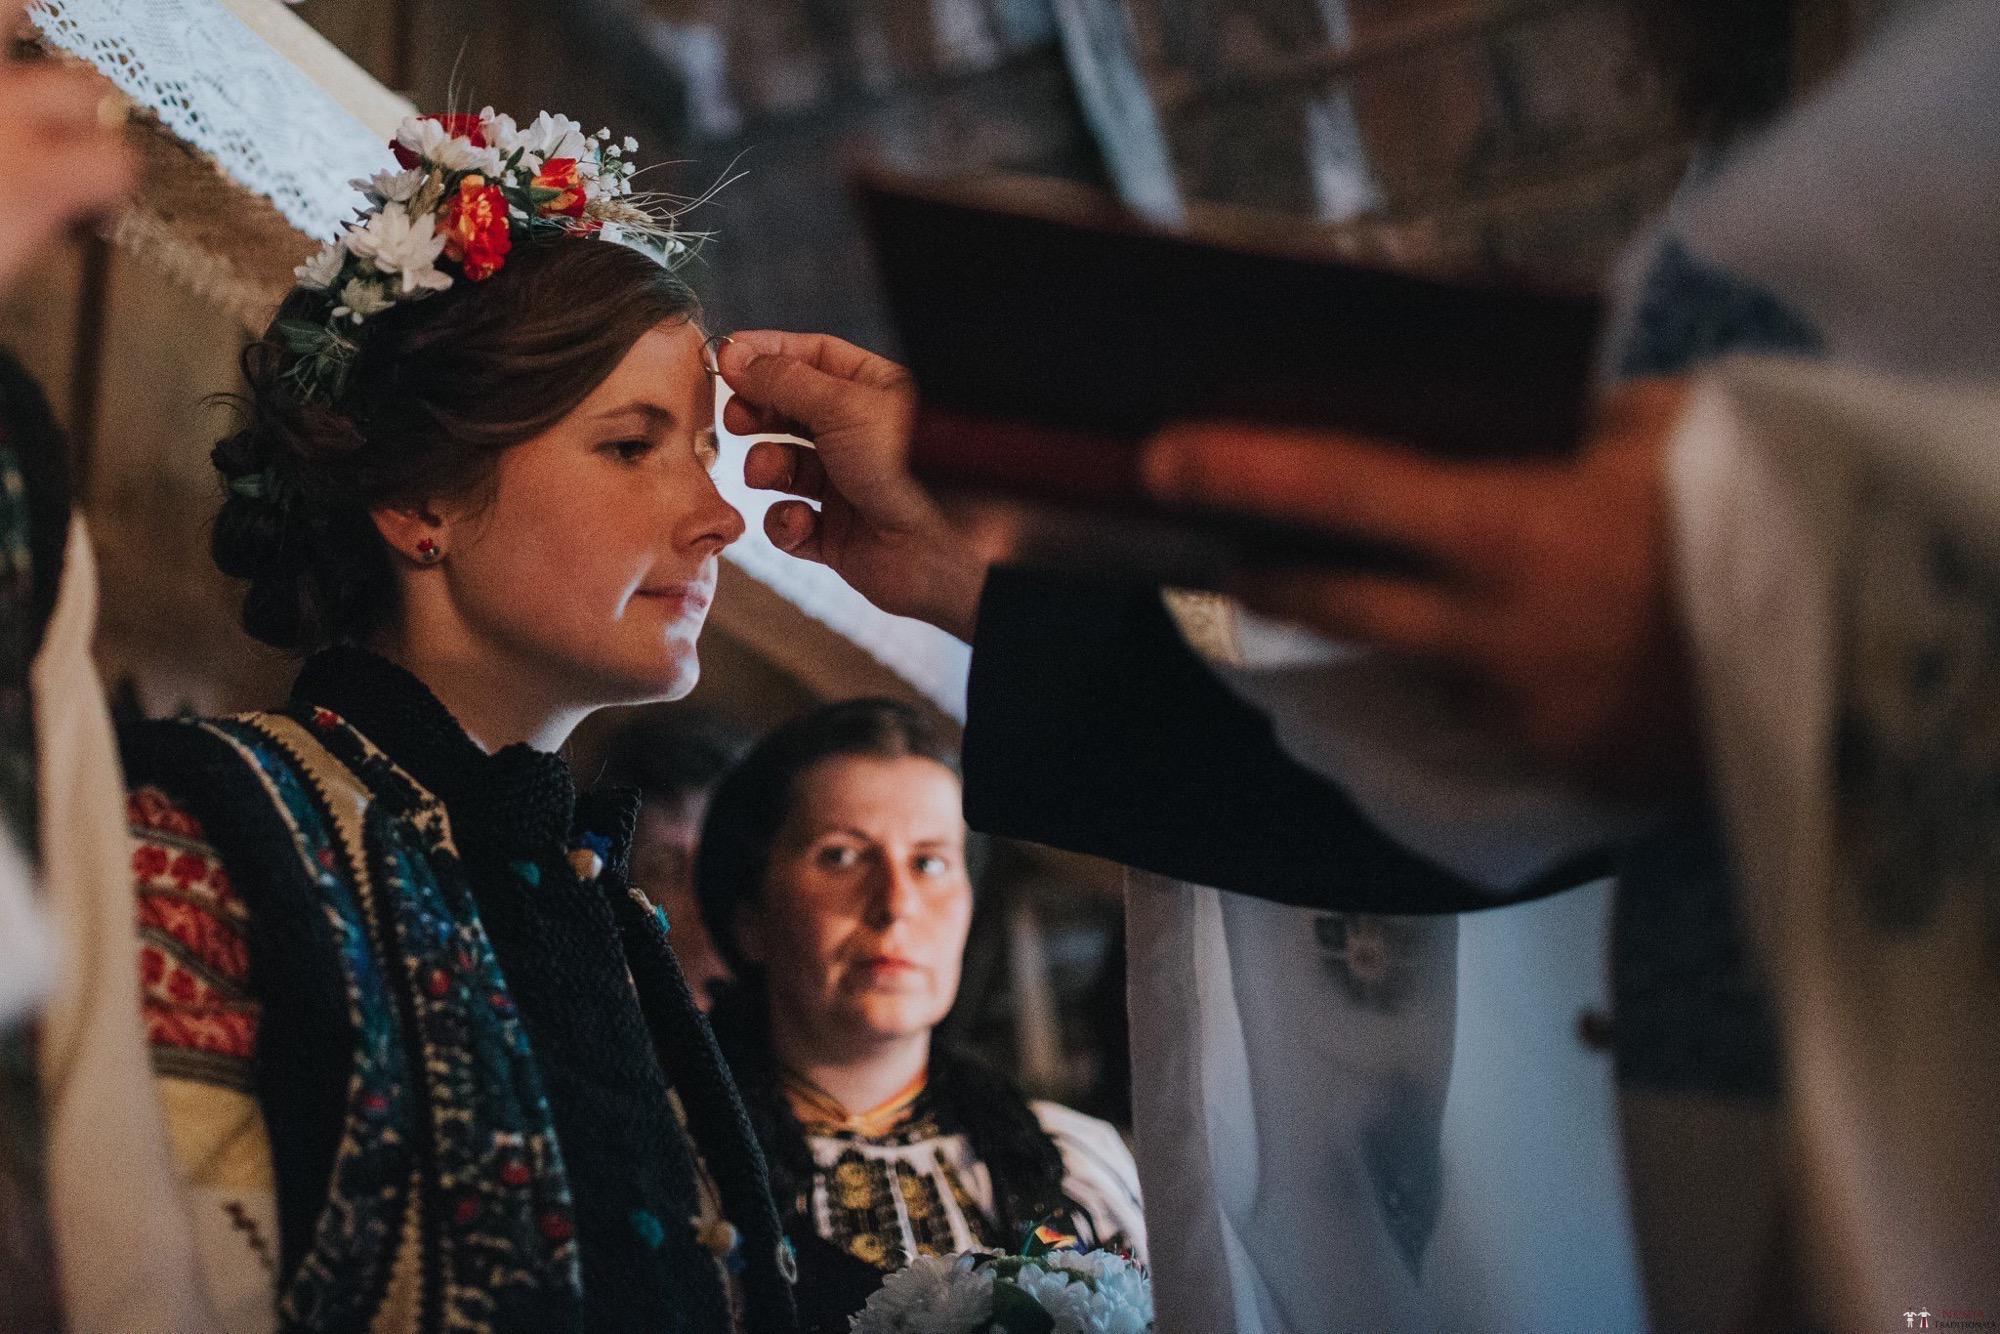 Povești Nunți Tradiționale - Andreea și Sergiu. Nuntă tradițională în Alba-Iulia 3